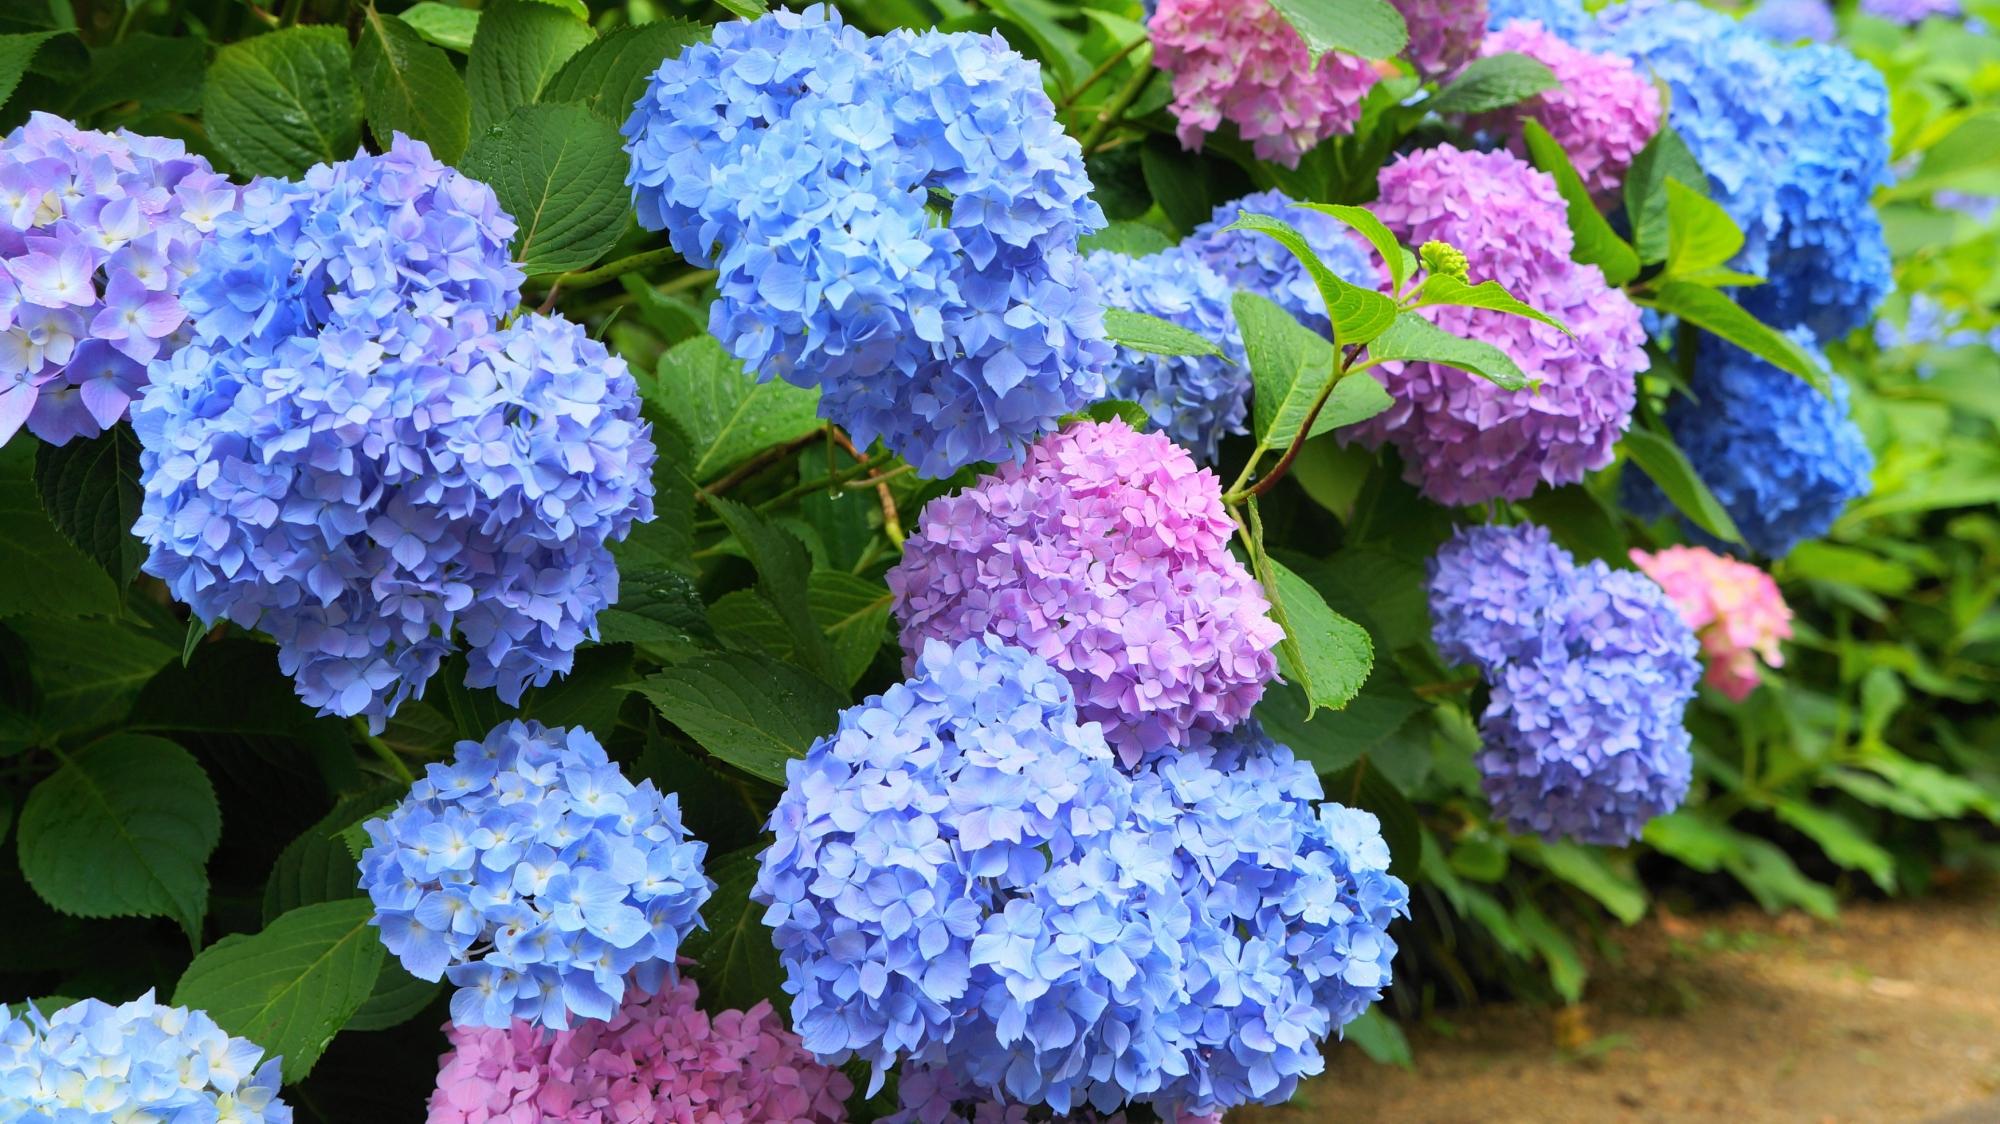 色とりどりの紫陽花という言葉にぴったりの景色